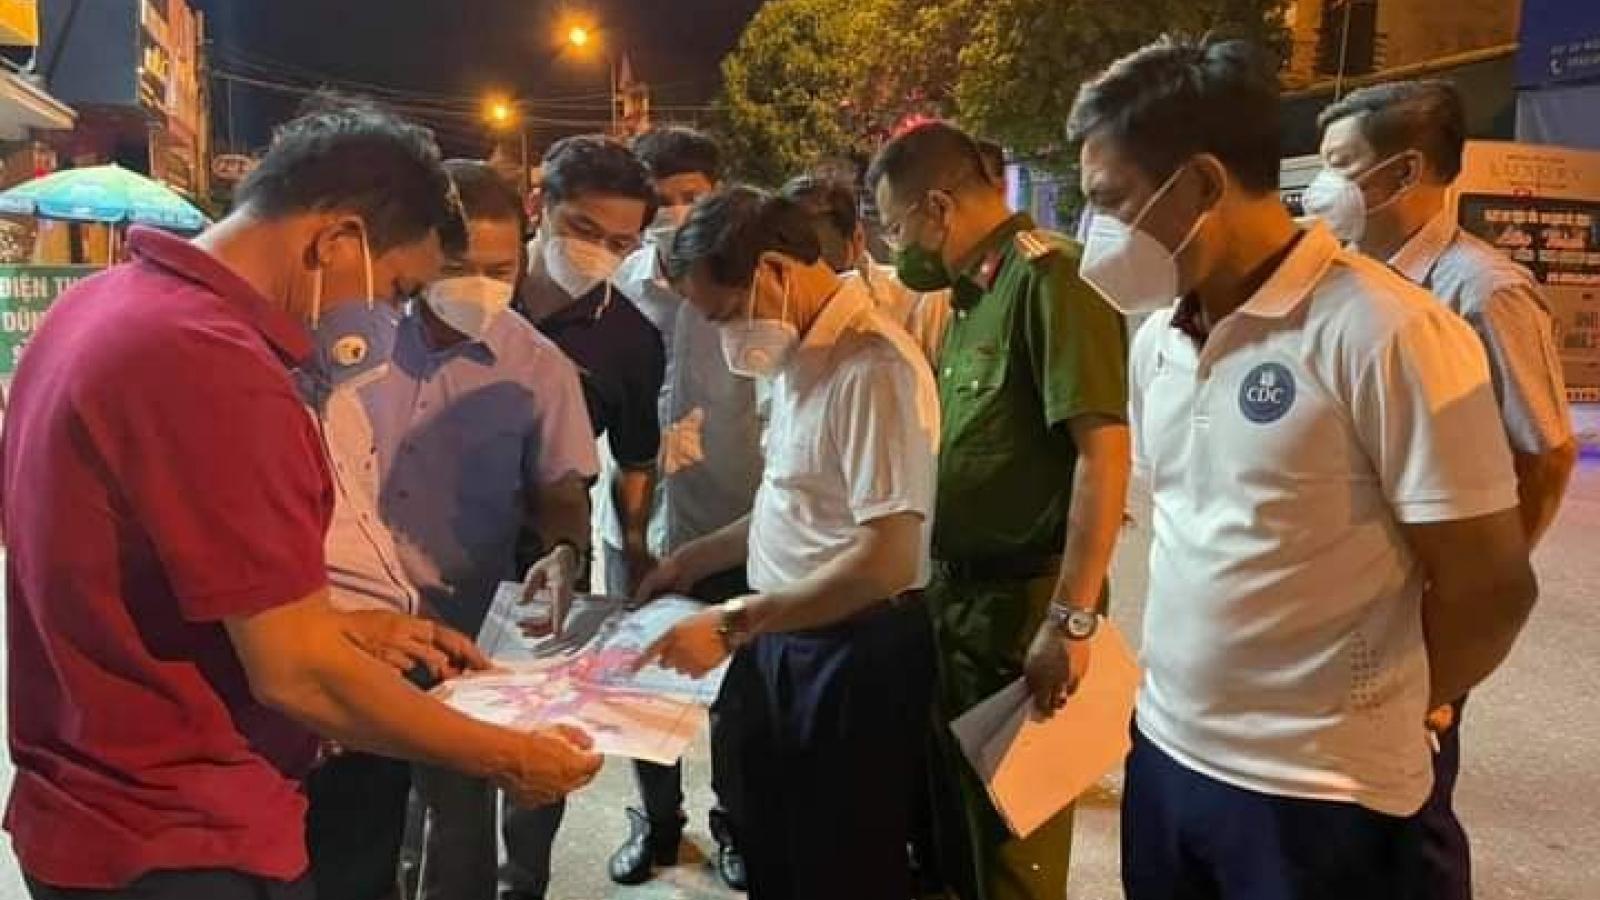 Phát hiện ca nhiễm mới trong cộng đồng, Hà Tĩnh phong toả 8 tổ dân phố trong đêm